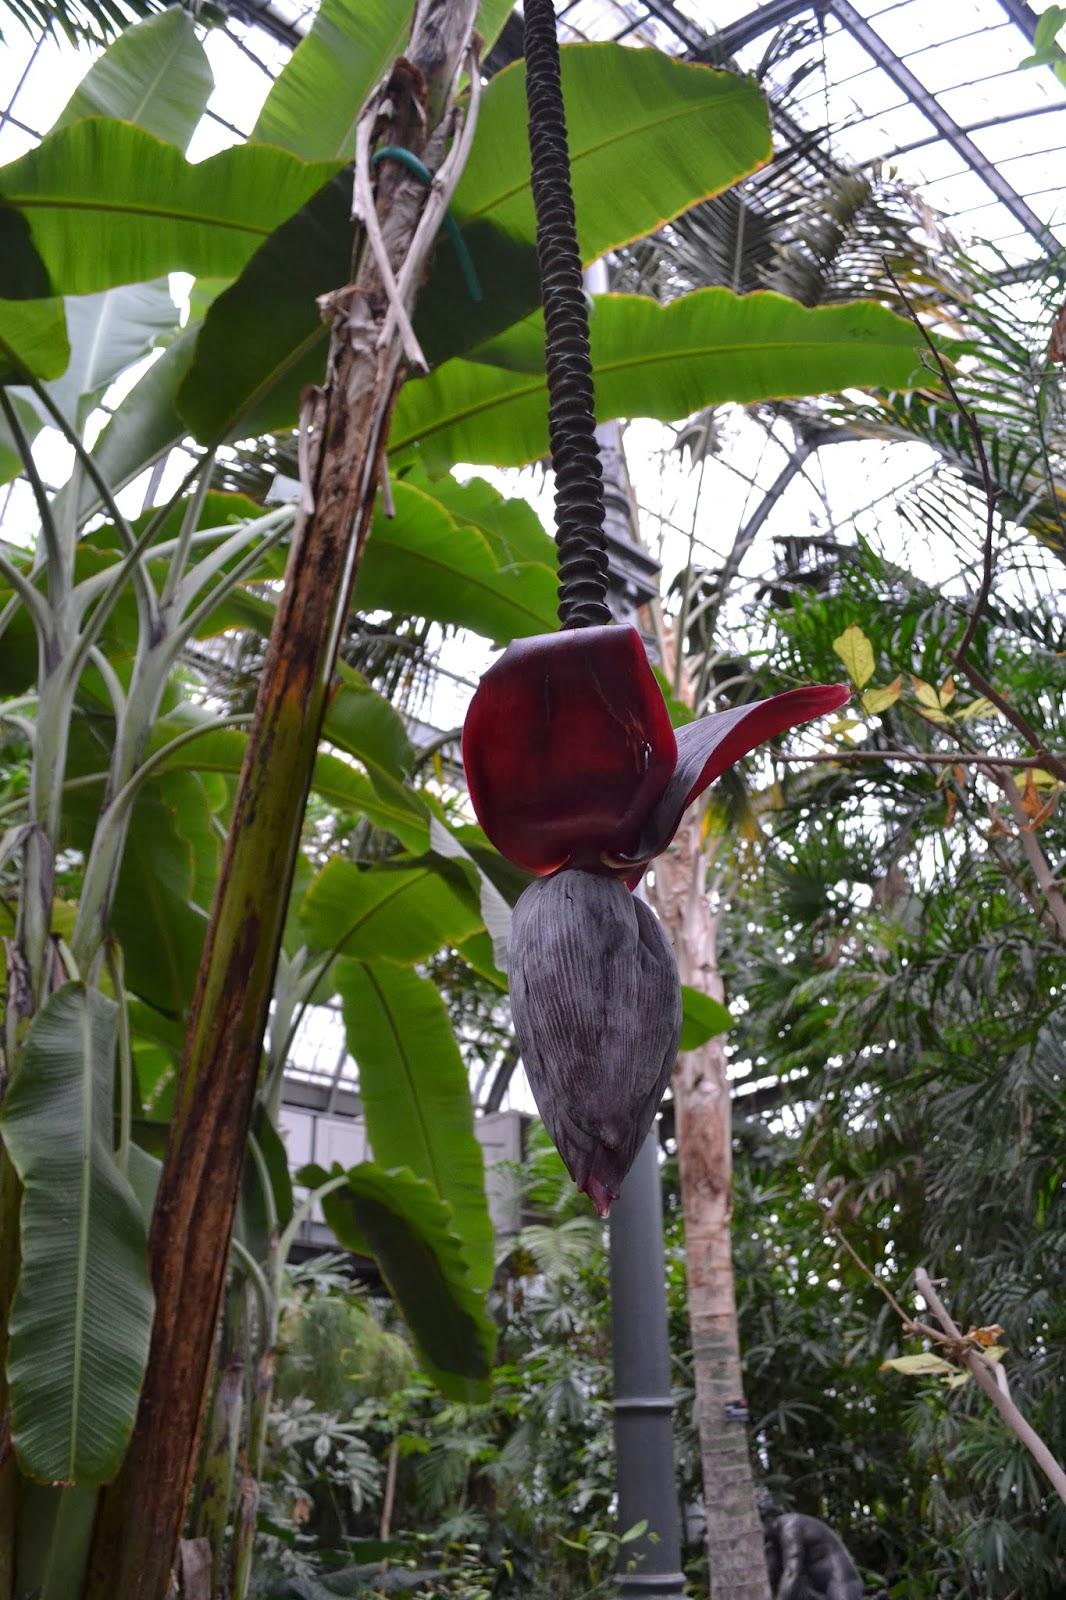 jardin botanique lyon 2014 Dracontium pittieri floraison